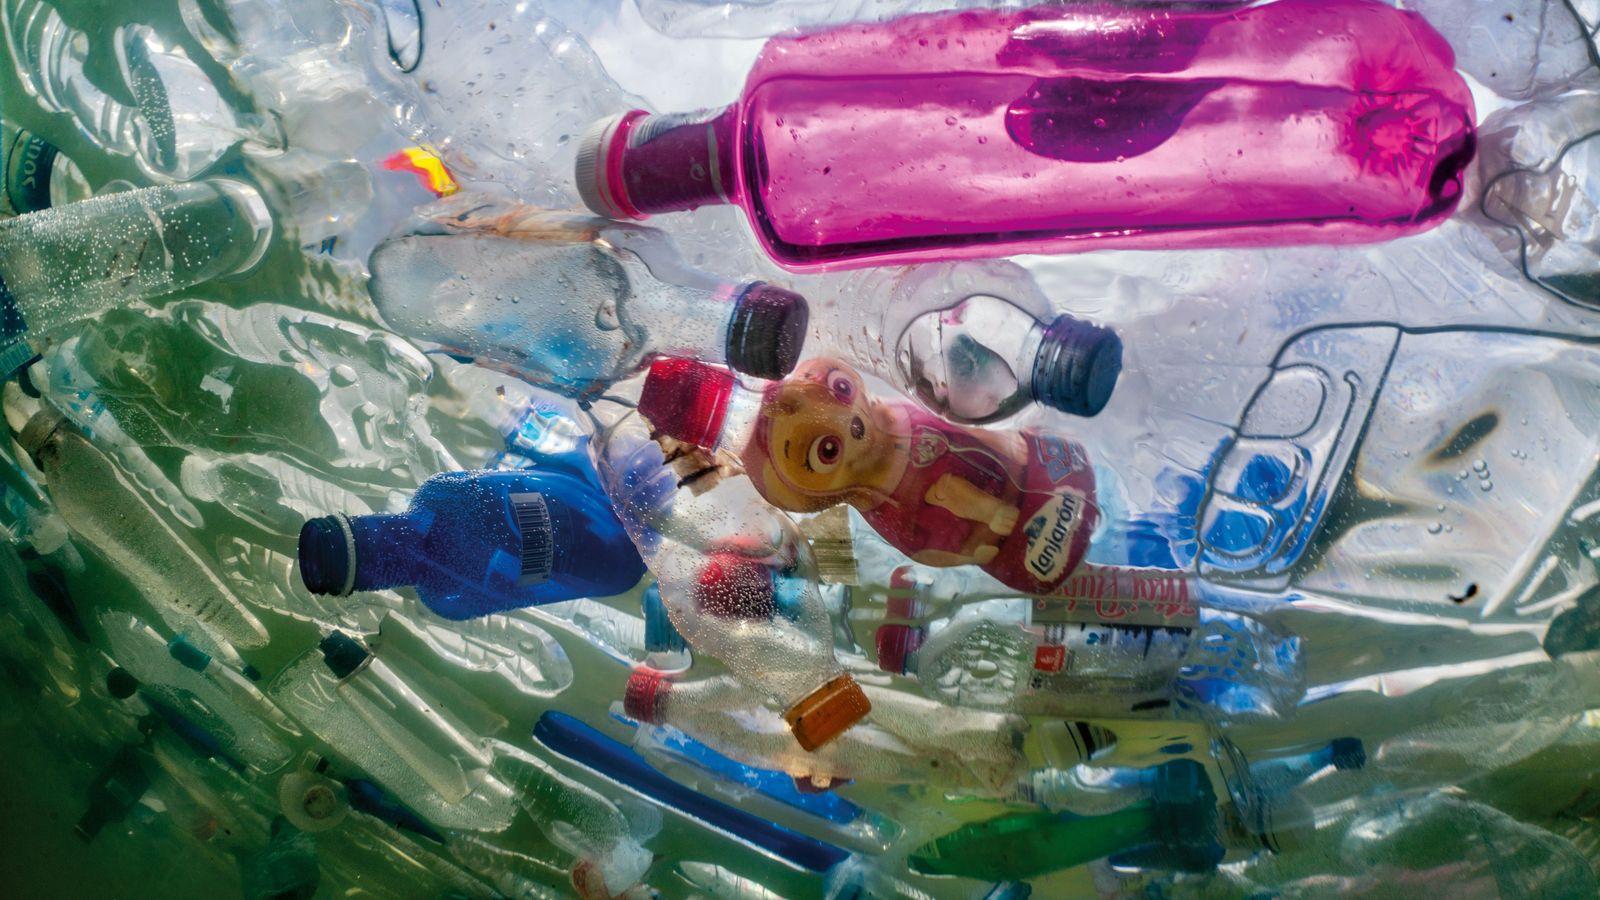 Comment le plastique est-il fabriqué ?